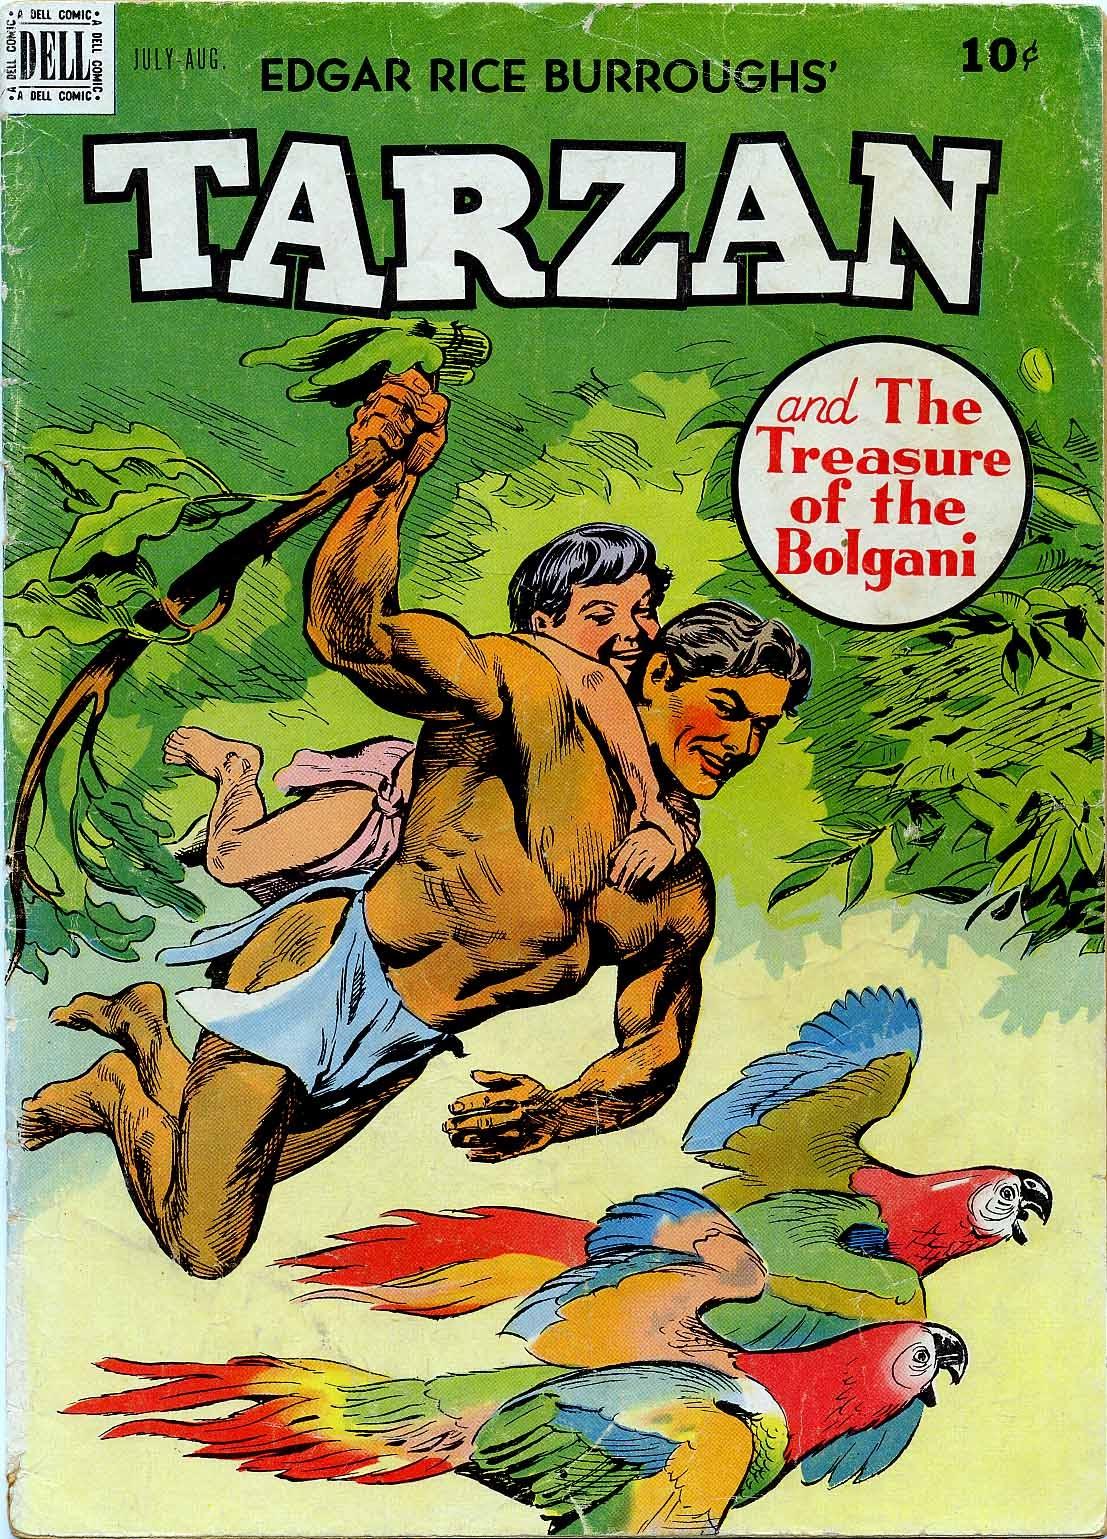 Tarzan (1948) issue 10 - Page 1